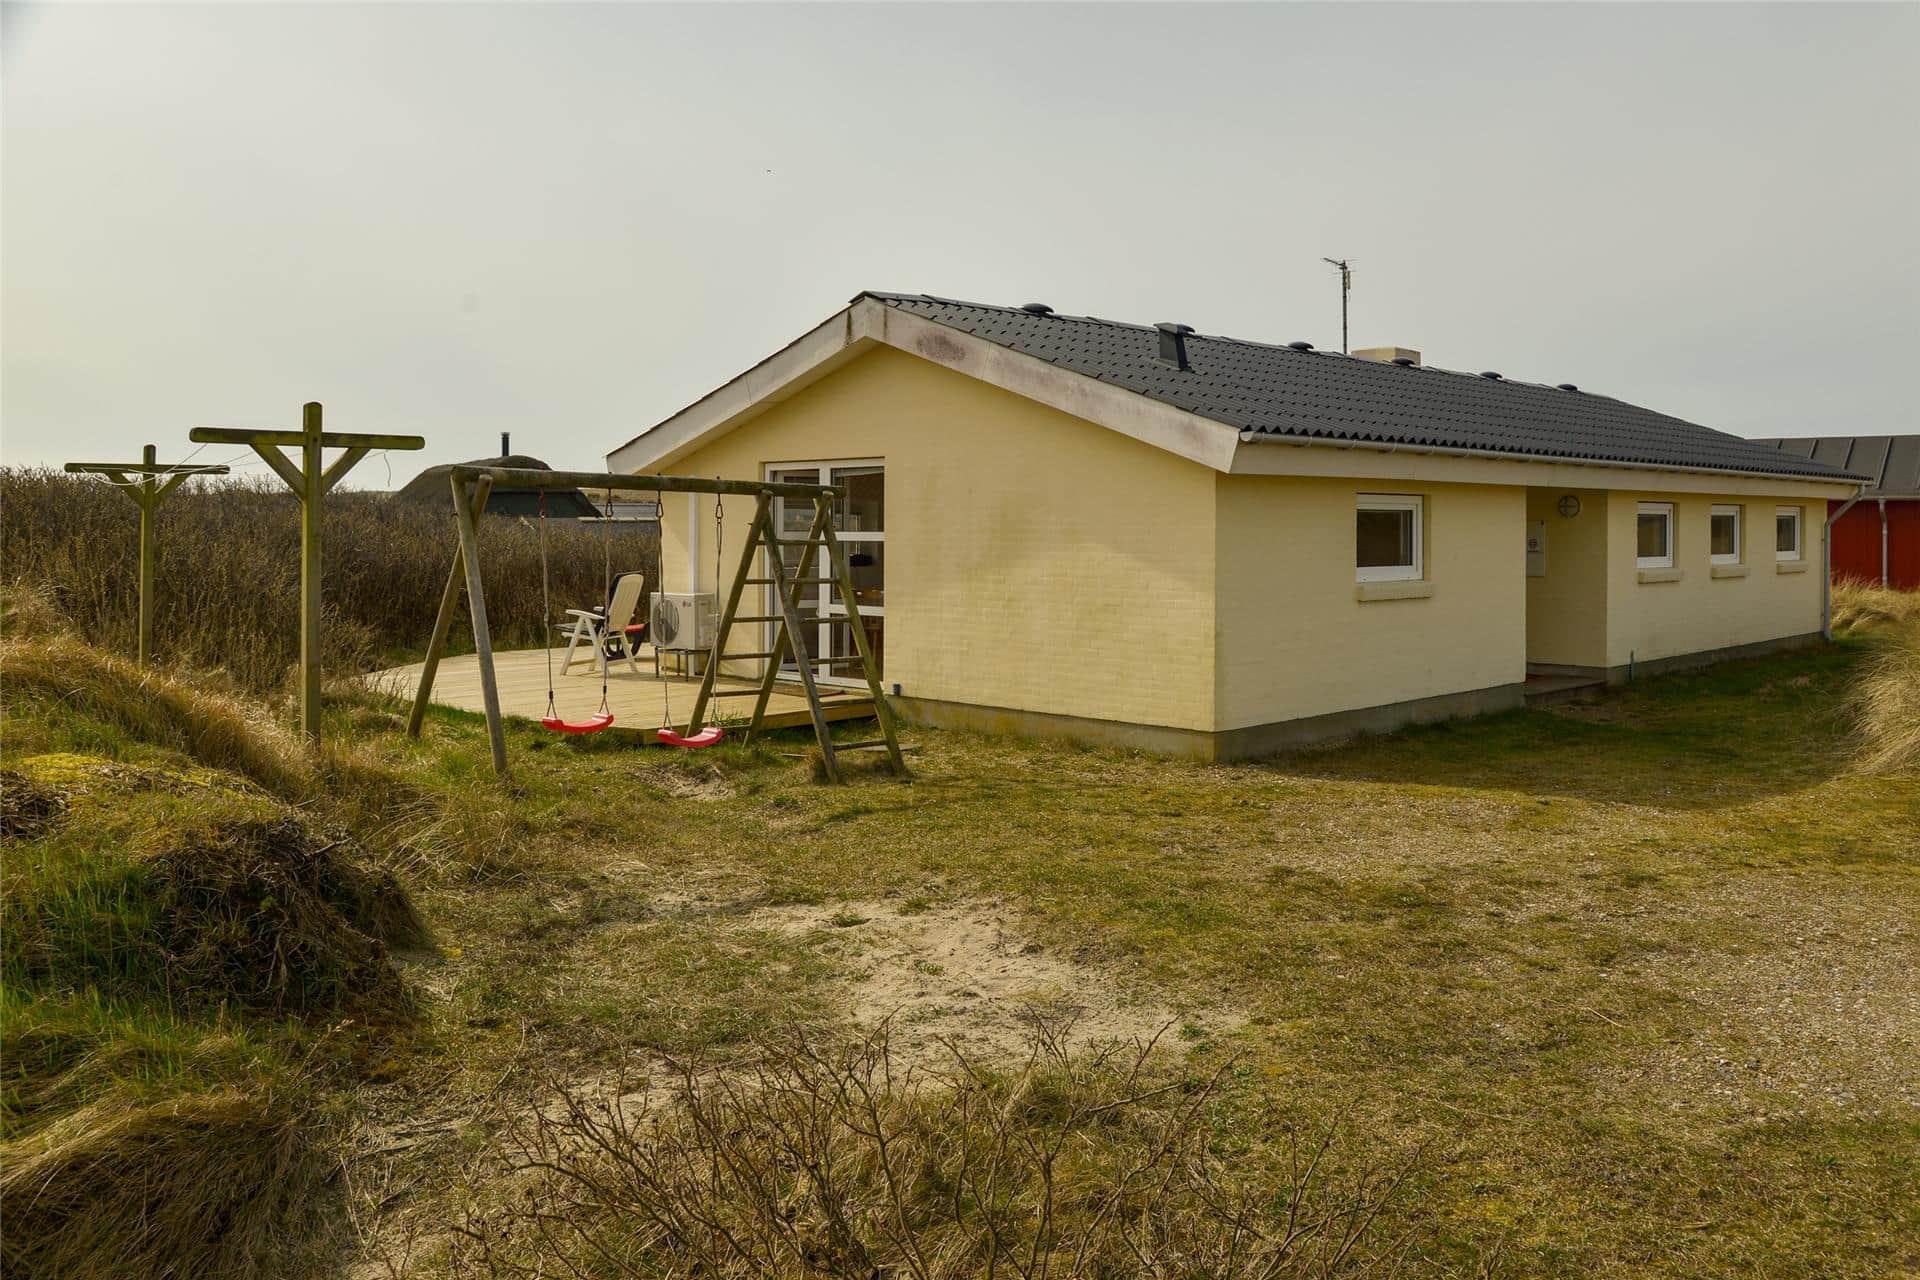 Afbeelding 1-4 Vakantiehuis 433, Granvej 35, DK - 6960 Hvide Sande